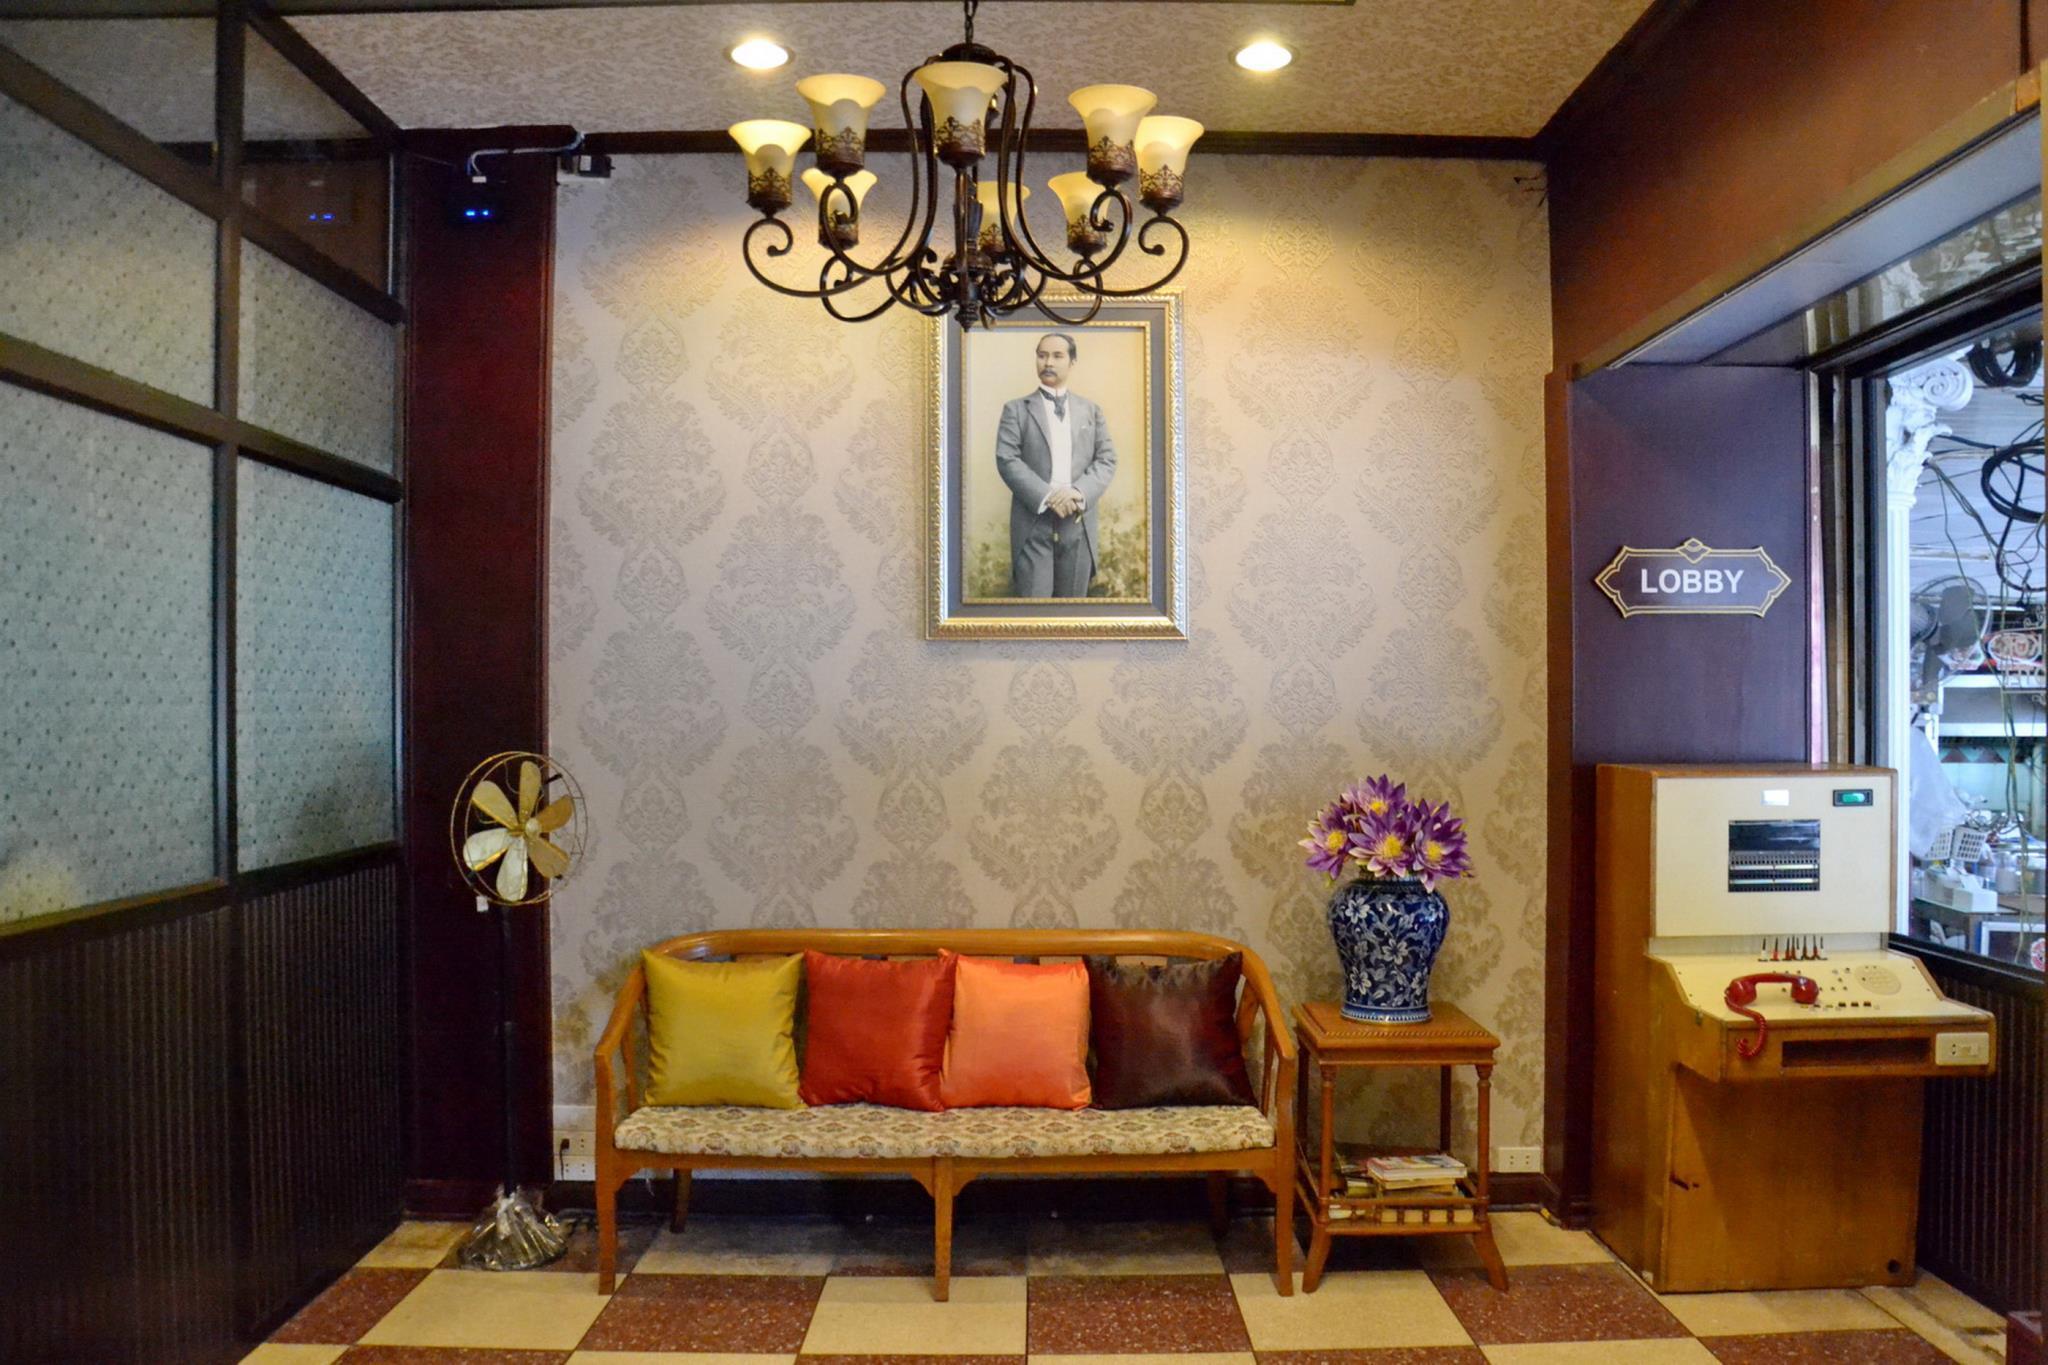 曼谷公寓酒店,บางกอก คอกคอนโดเทล